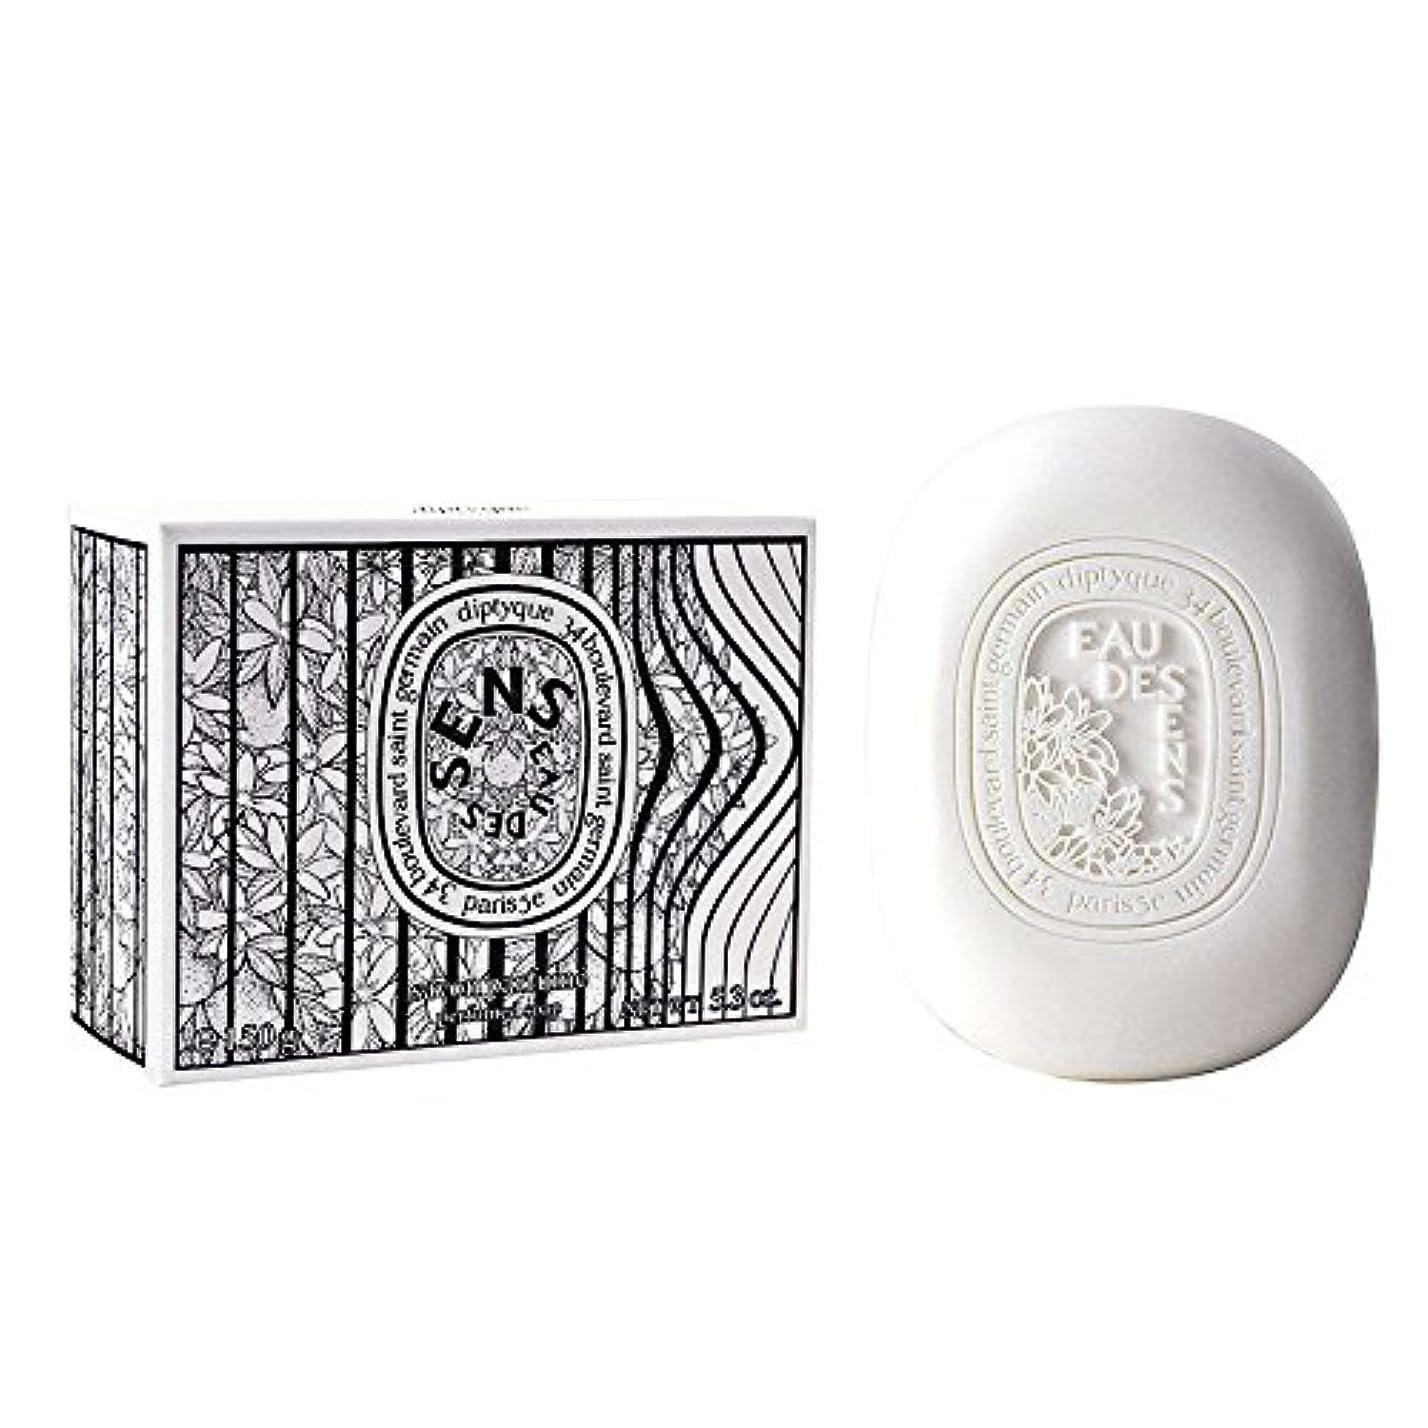 素晴らしいです計り知れない囲むDiptyque Eau Des Sens (ディプティック オー デ センス) 150g Soap (石けん) for Women